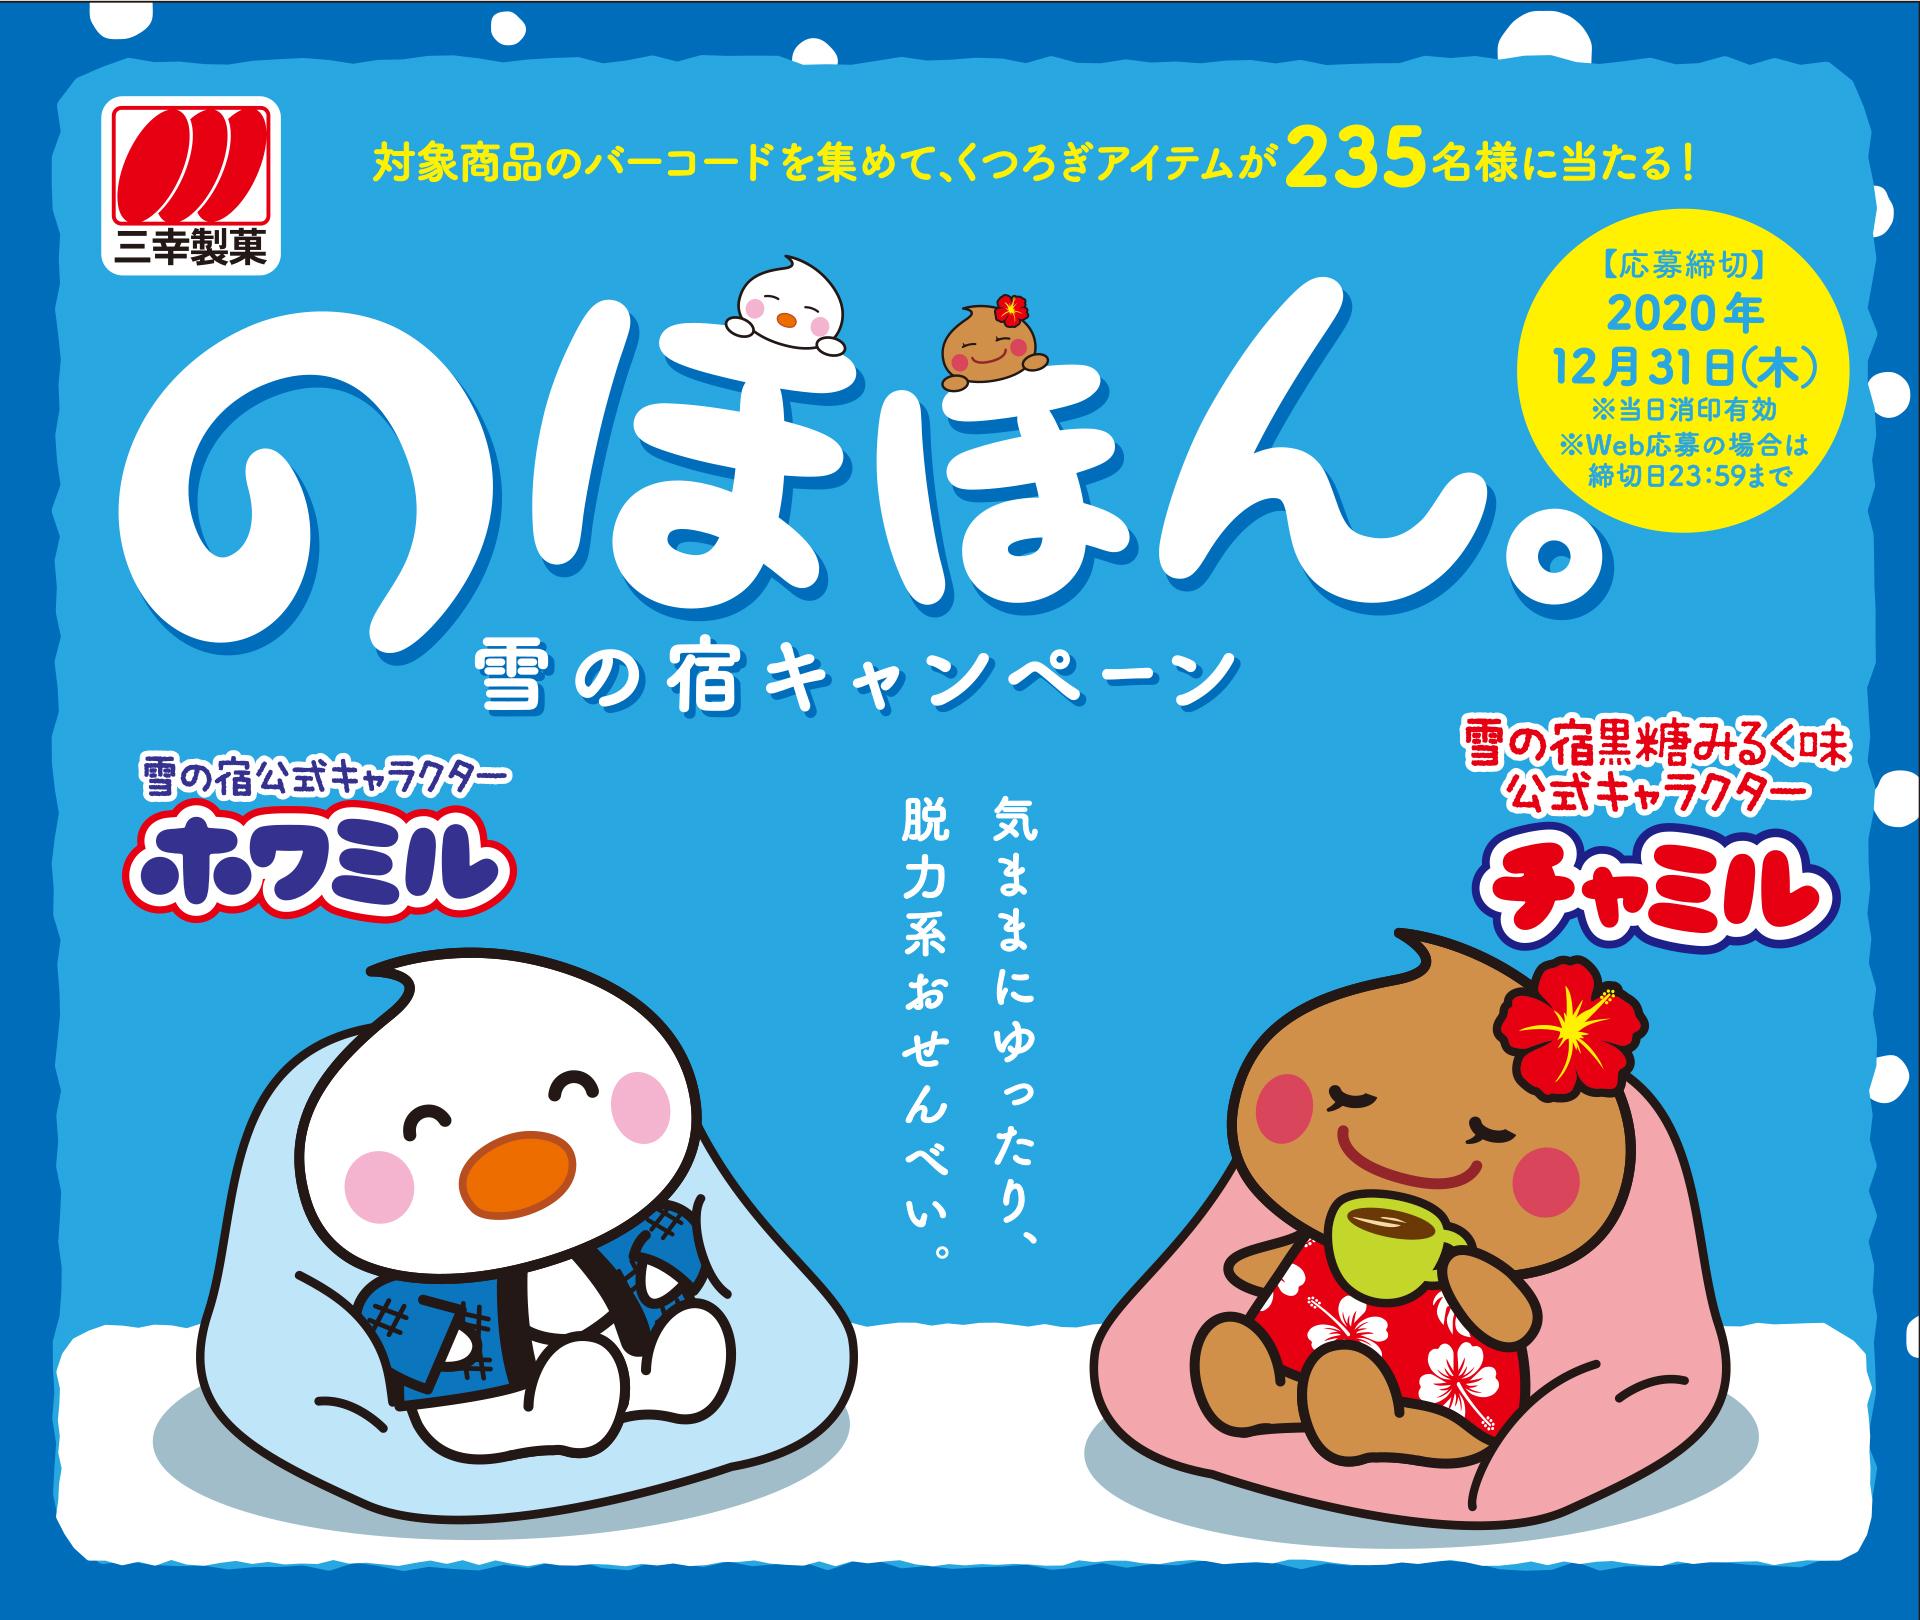 のほほん雪の宿キャンペーン